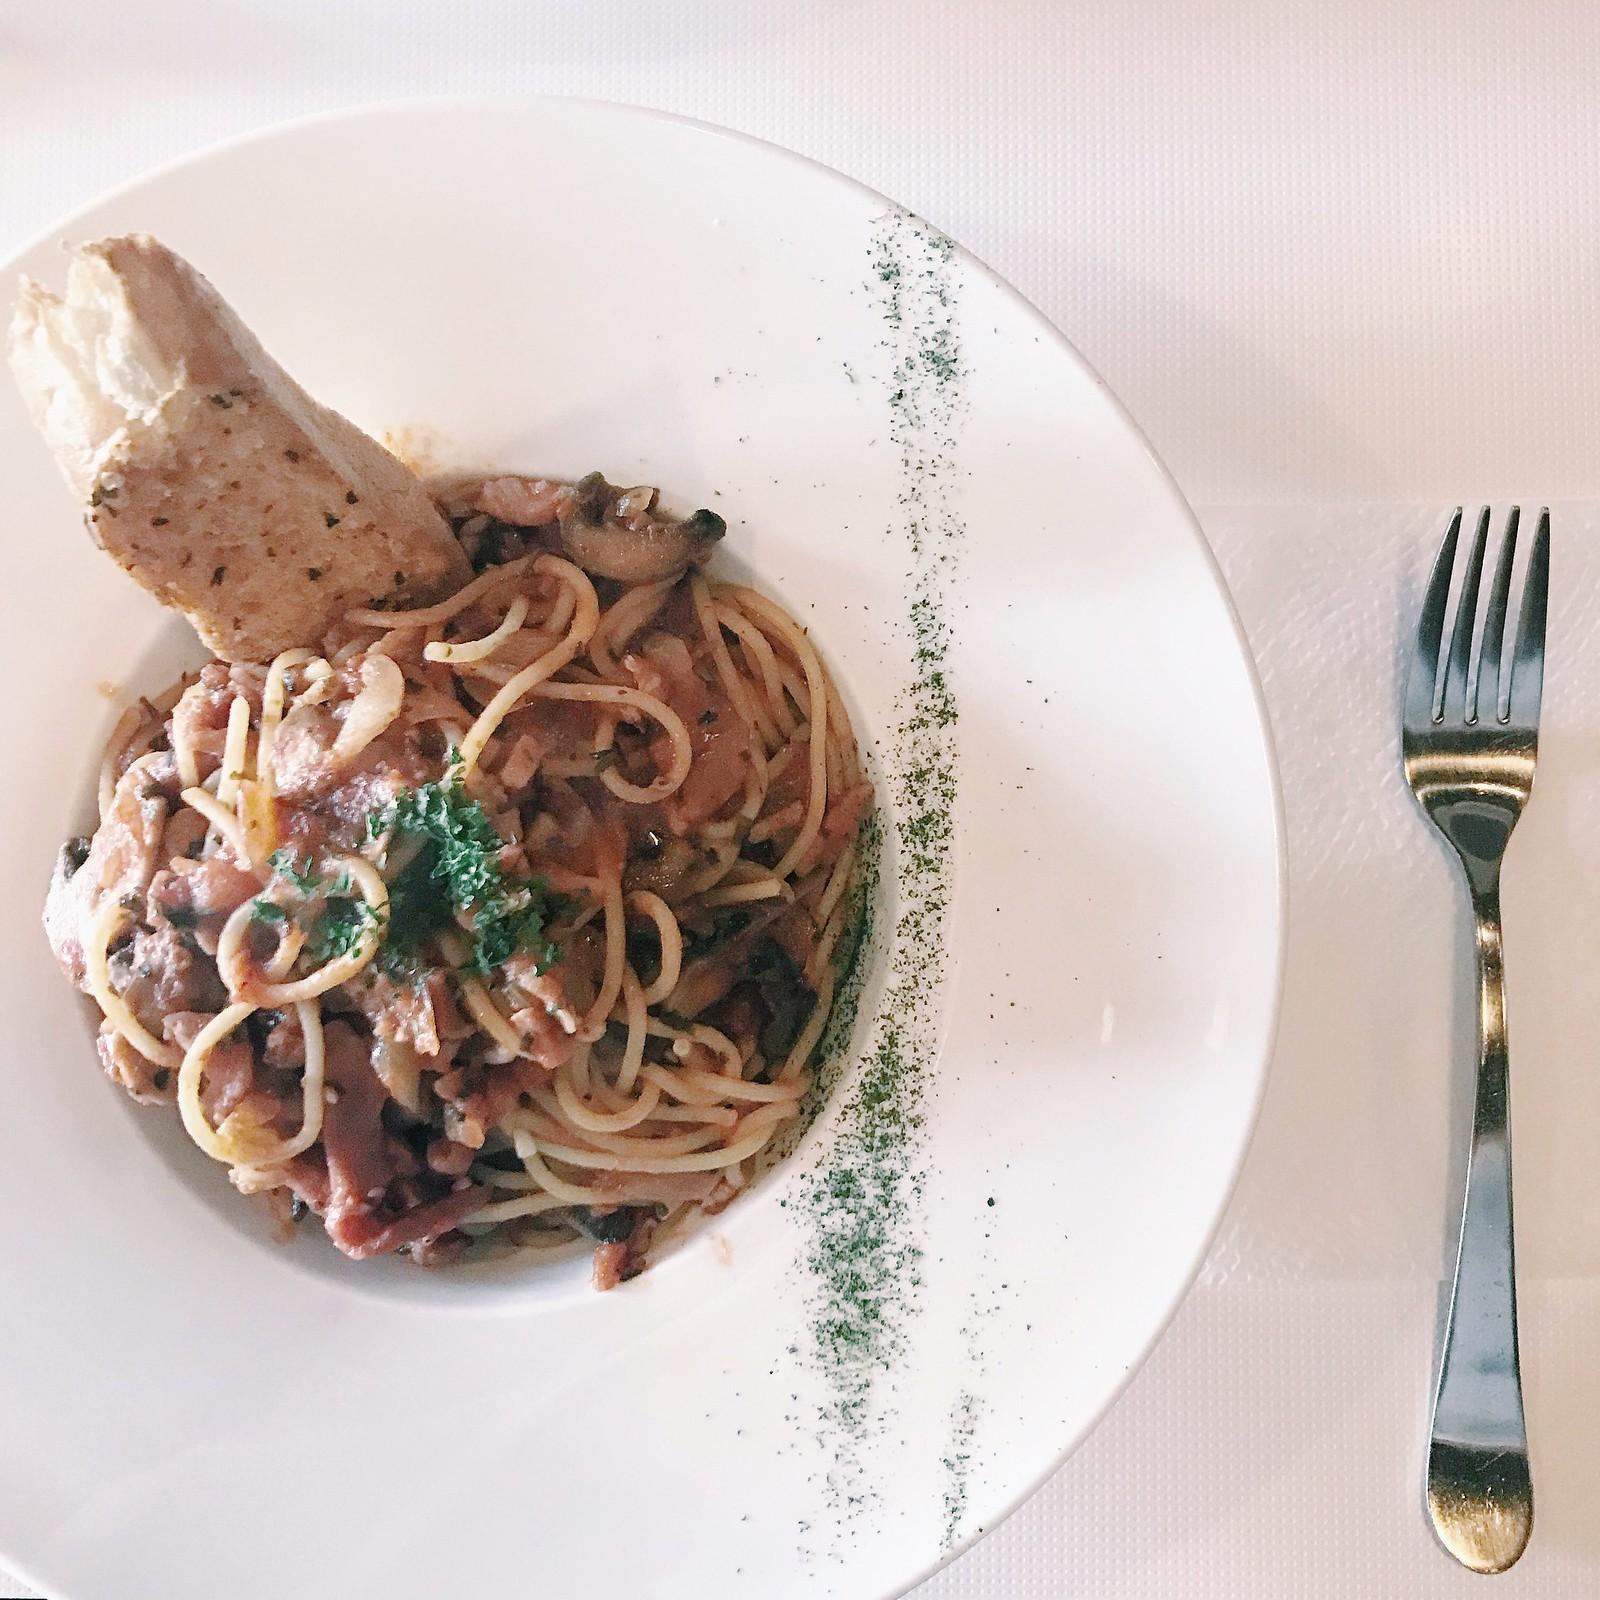 0187-ganache-pasta-foodie-hipster-lifestyle-elizabeeetht-flatlay